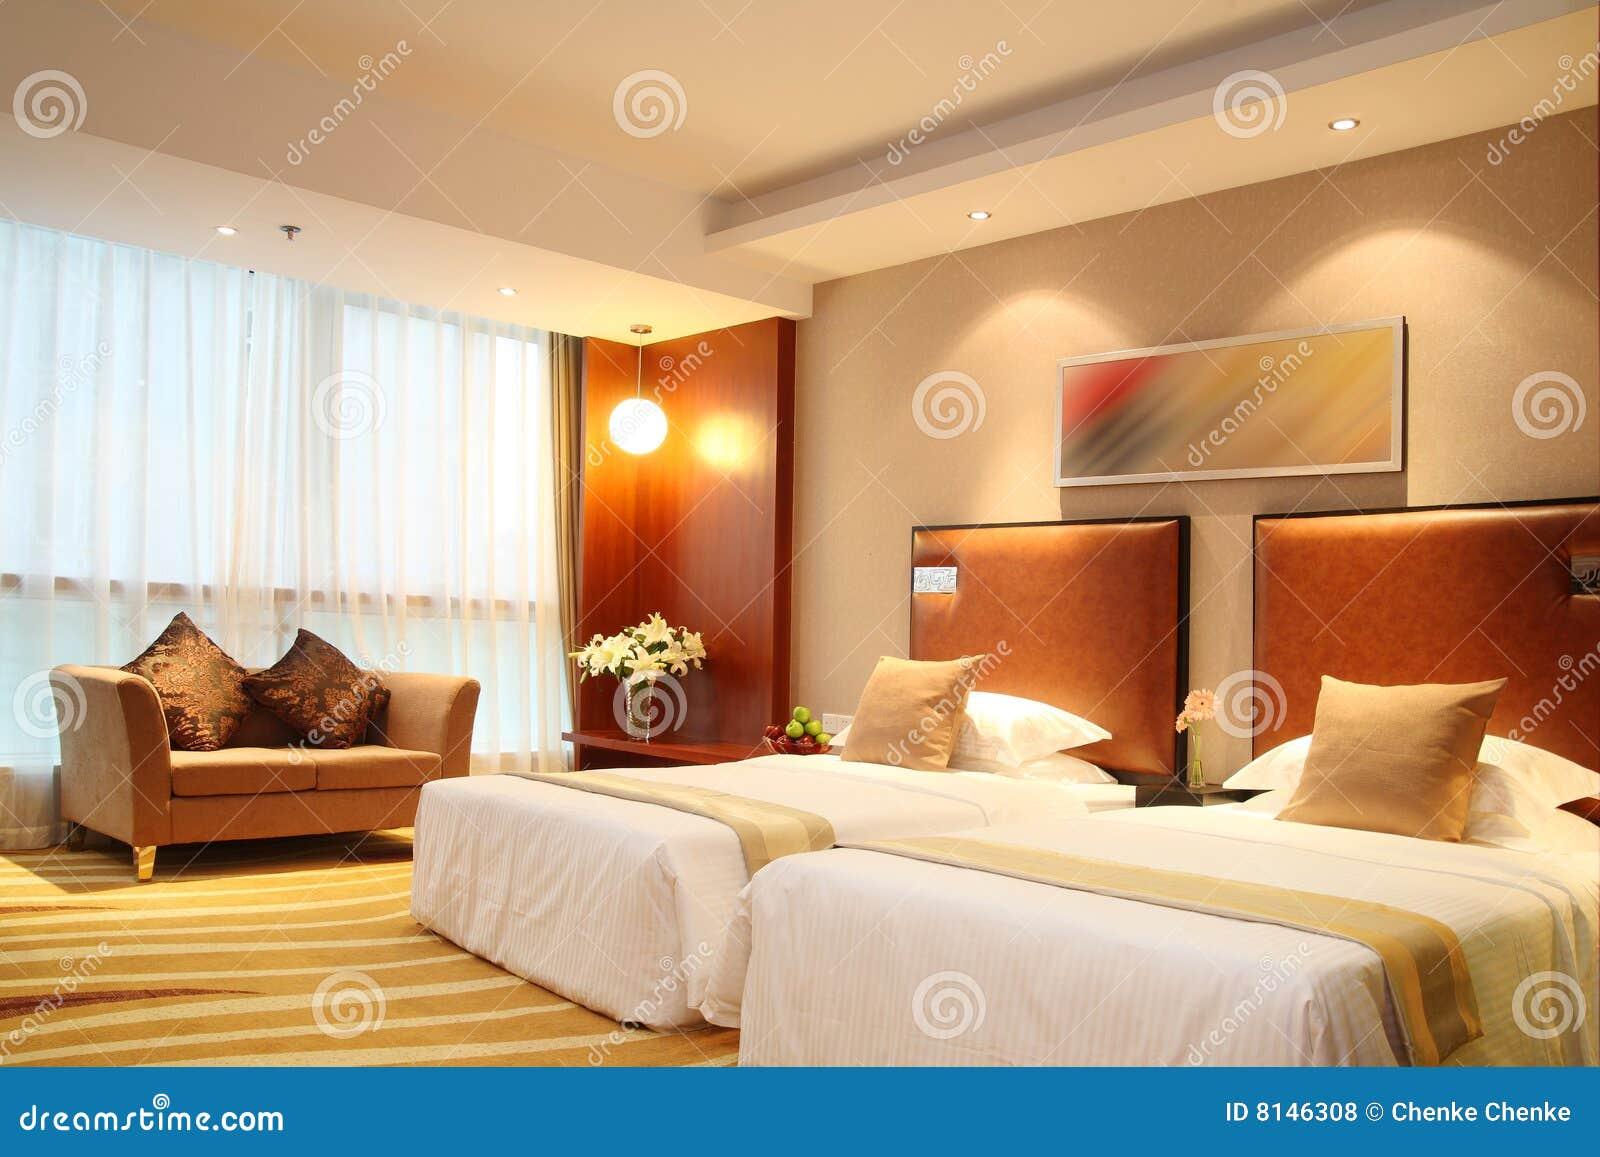 Quartos de hotel